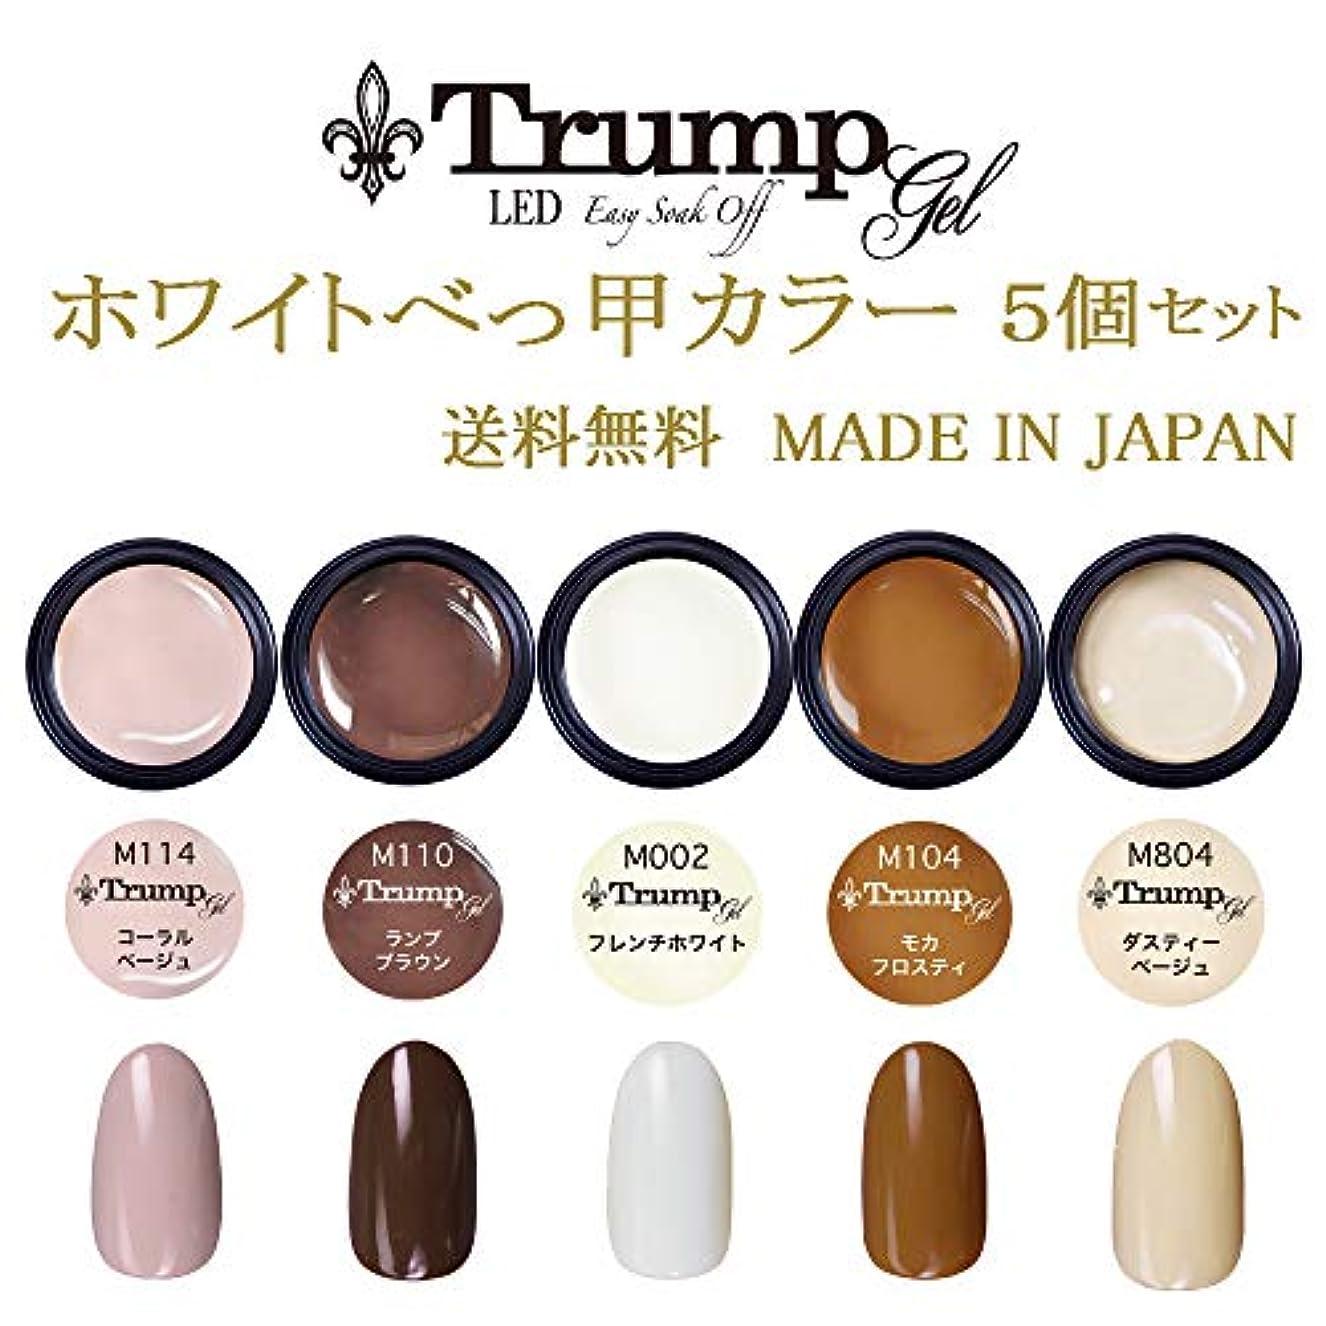 昆虫蒸発するワーム【送料無料】日本製 Trump gel トランプジェルホワイトべっ甲カラージェル 5個セット スタイリッシュでオシャレな 白べっ甲カラージェルセット